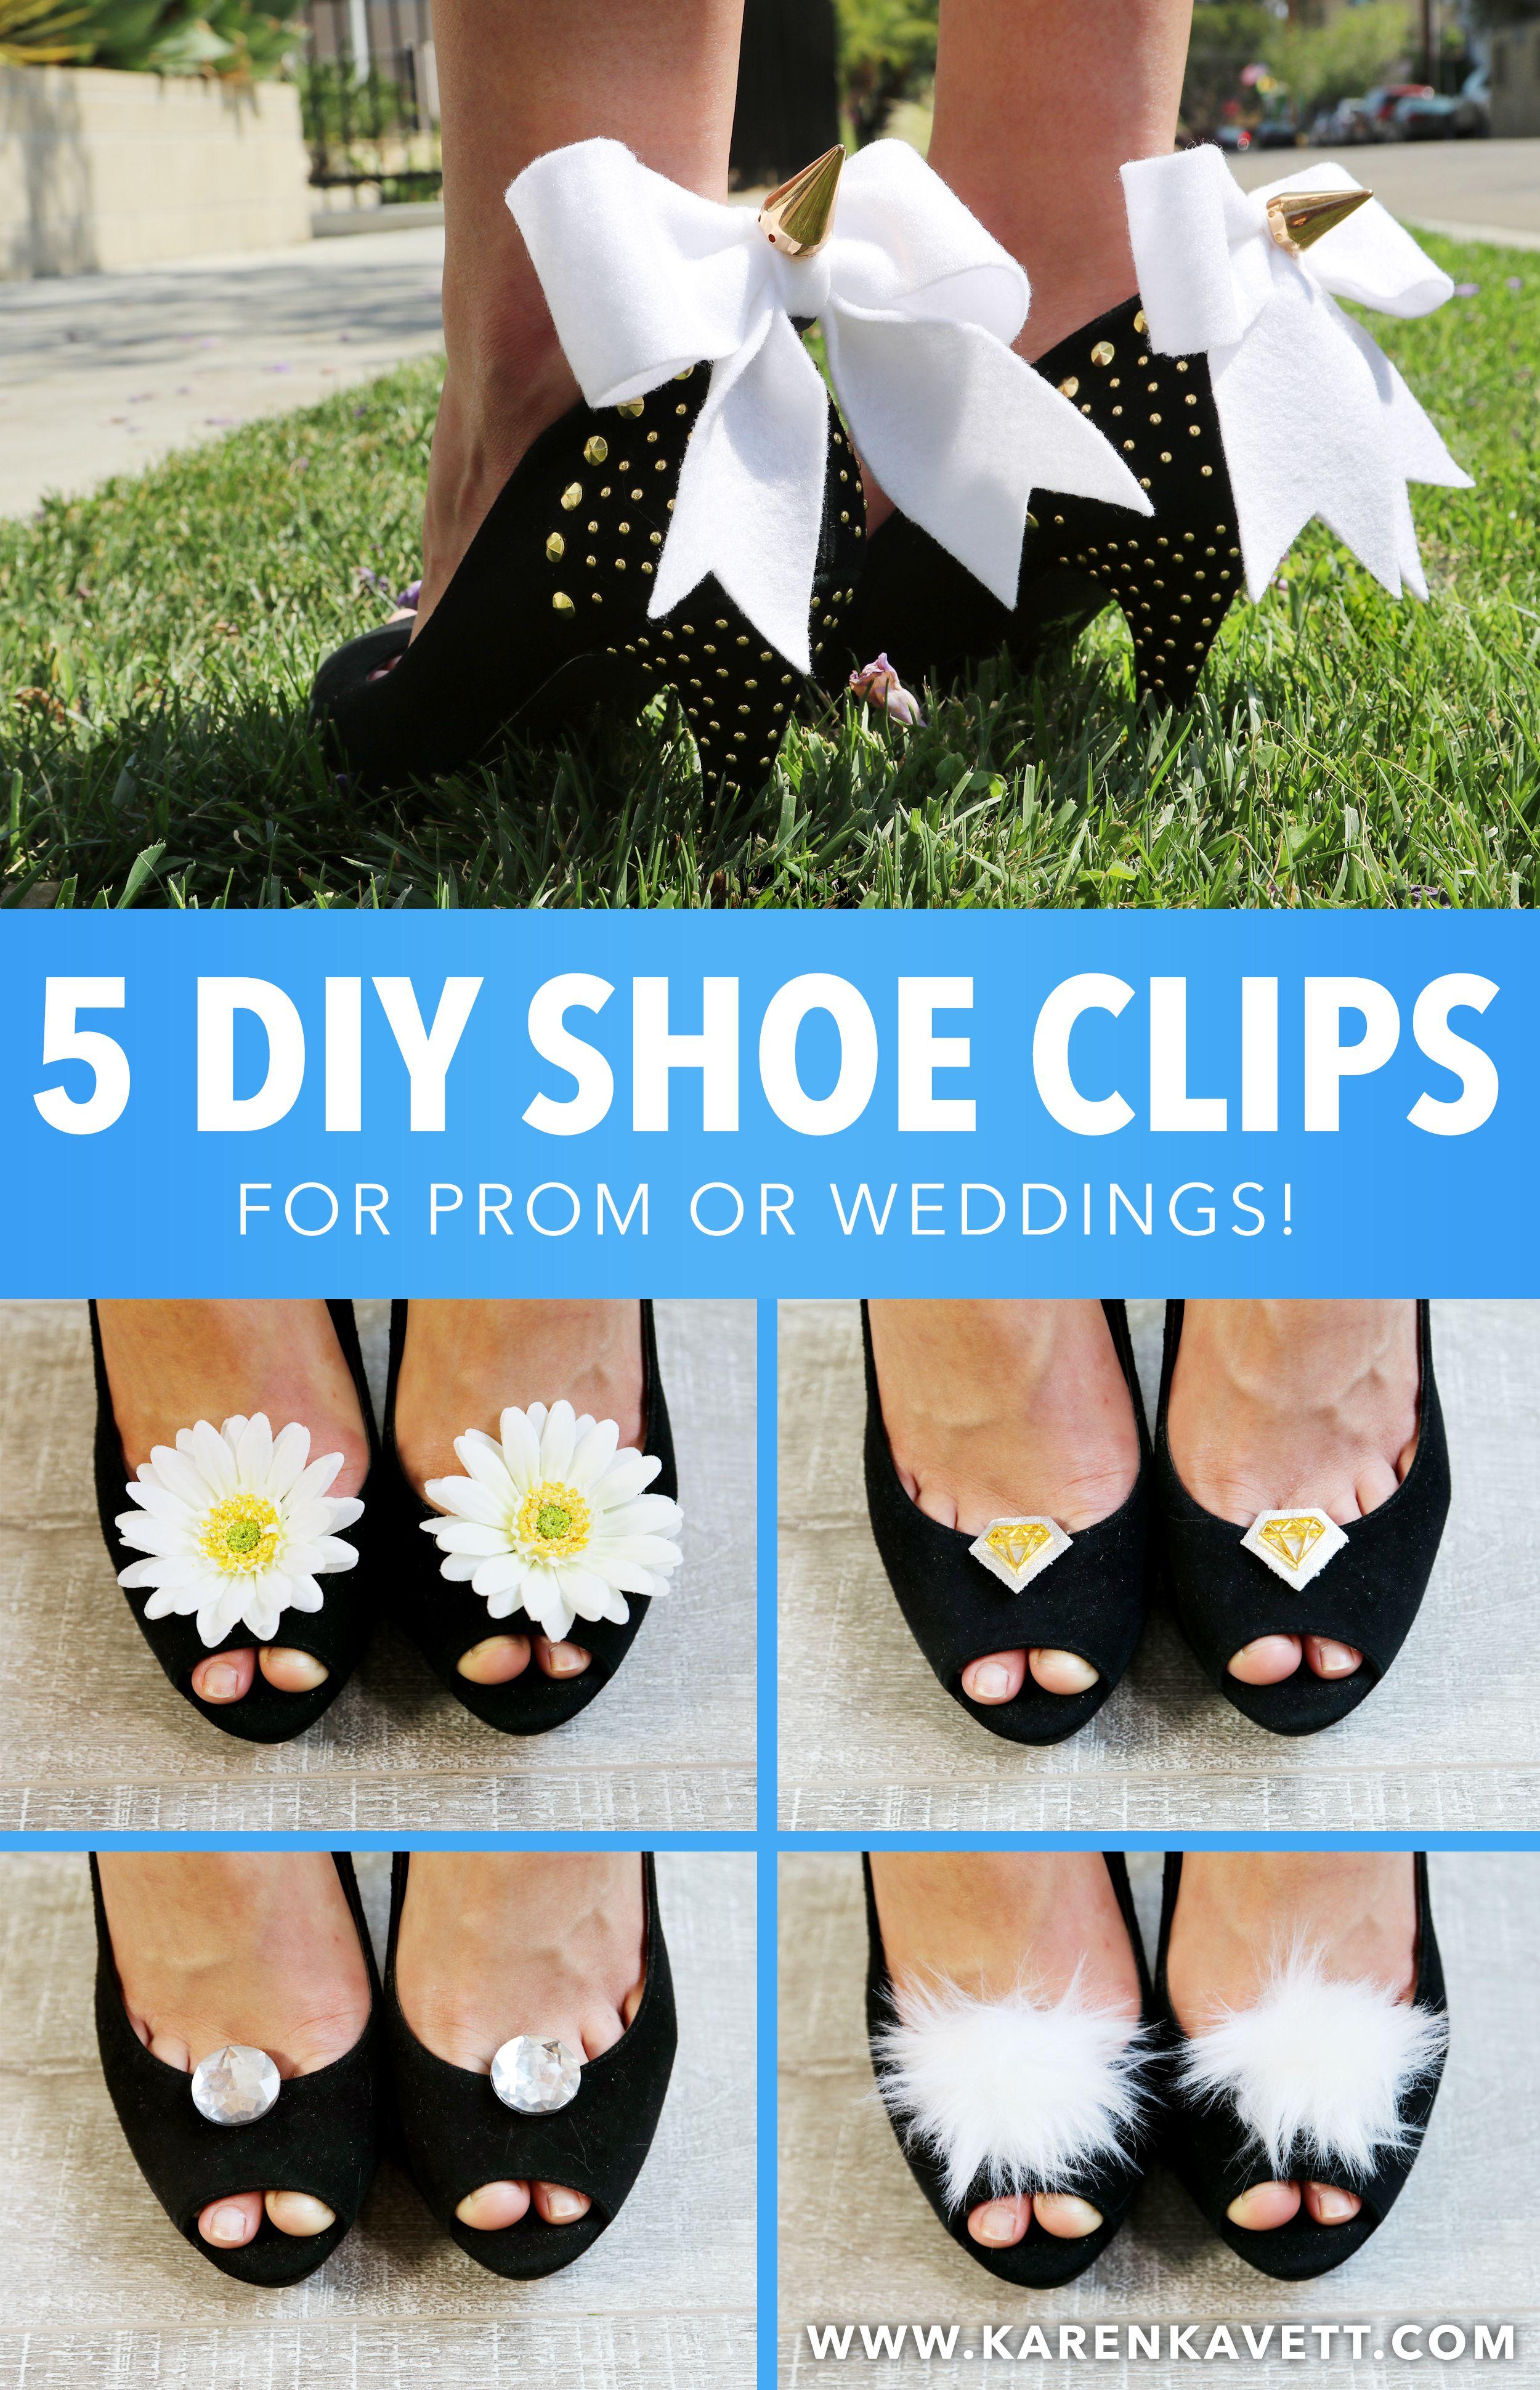 5 DIY Shoe Clips for Prom or Weddings!   Karen Kavett